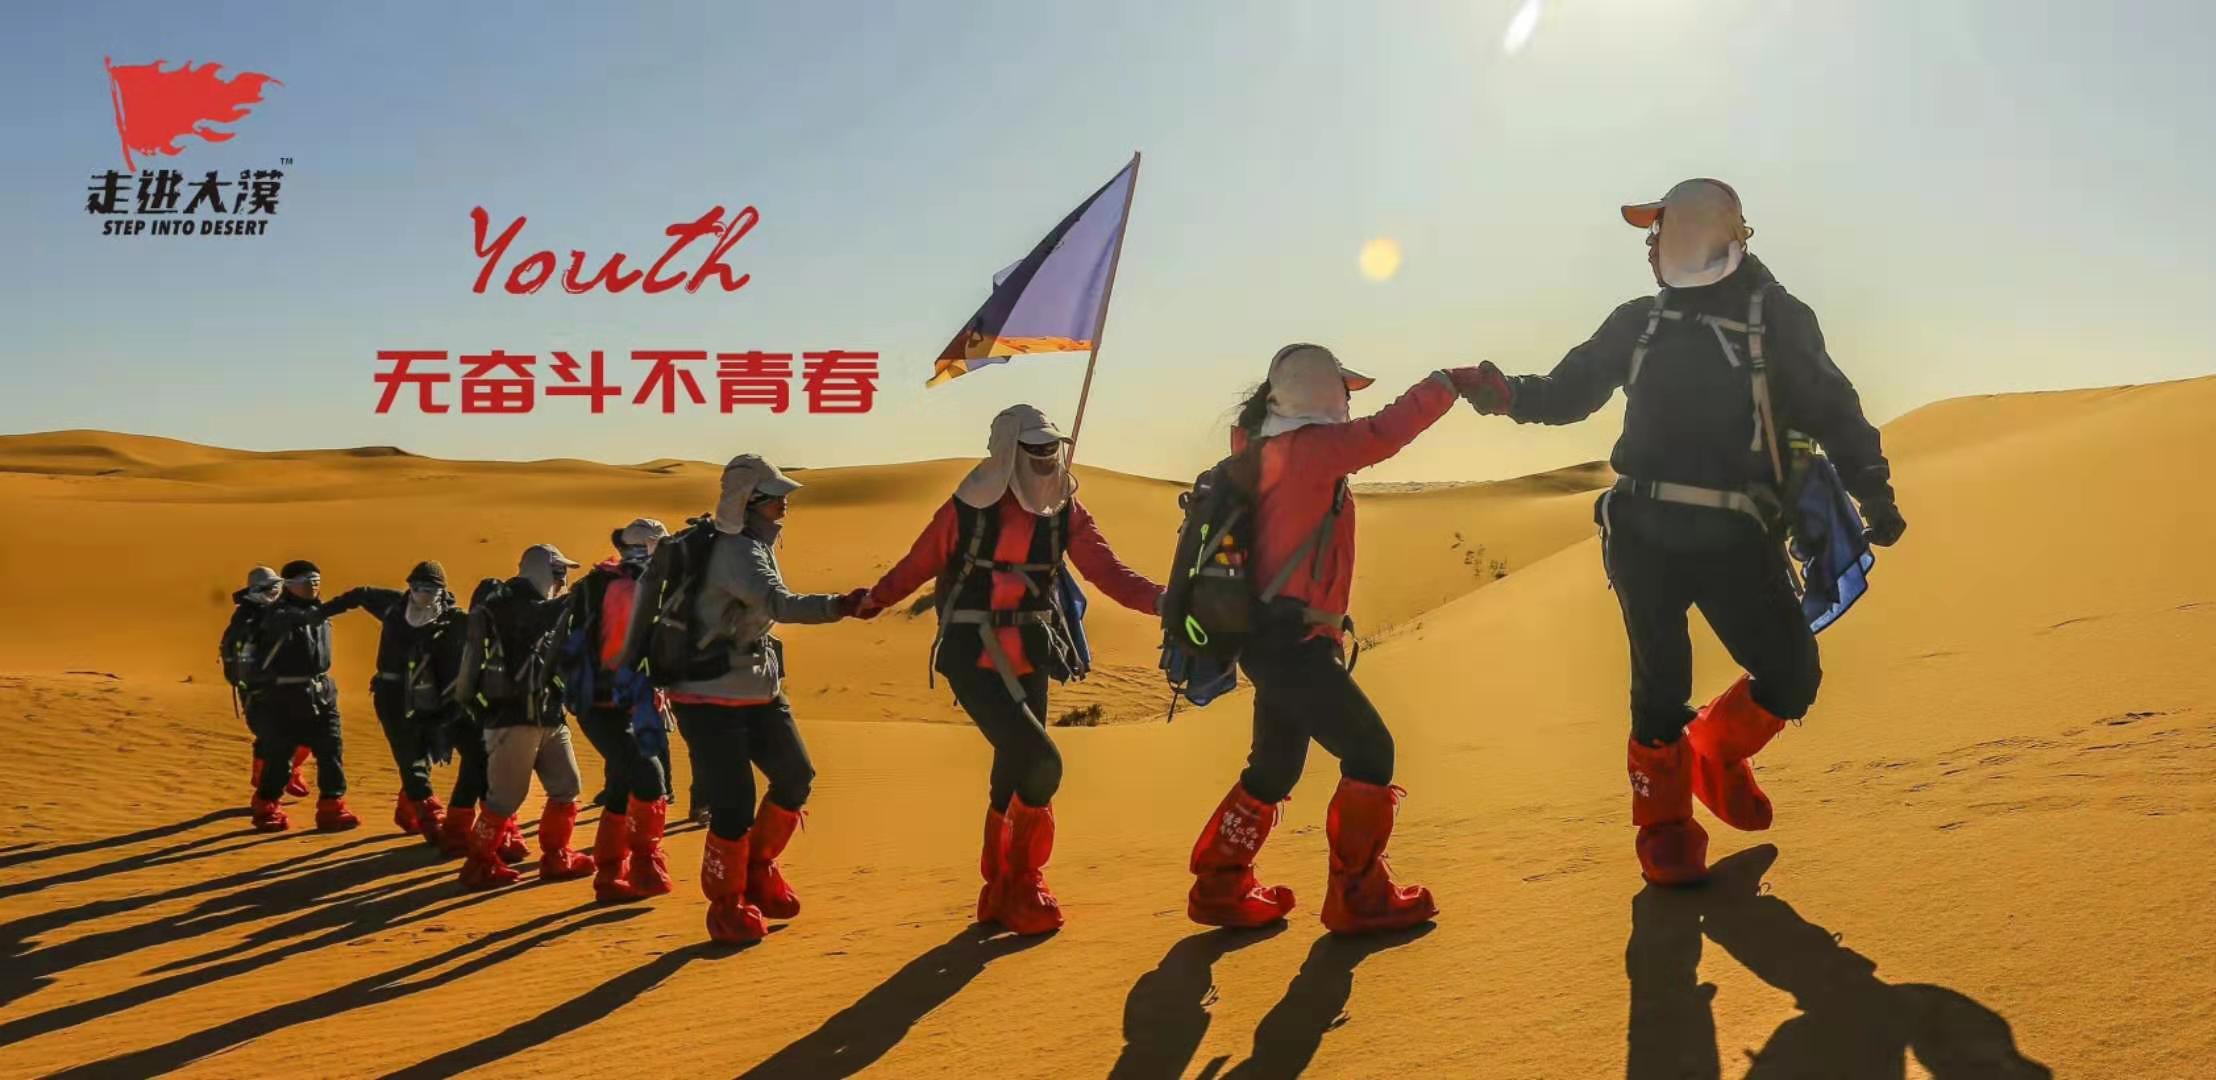 銀川團建之沙漠露營新體驗,兄弟營真實合作案例